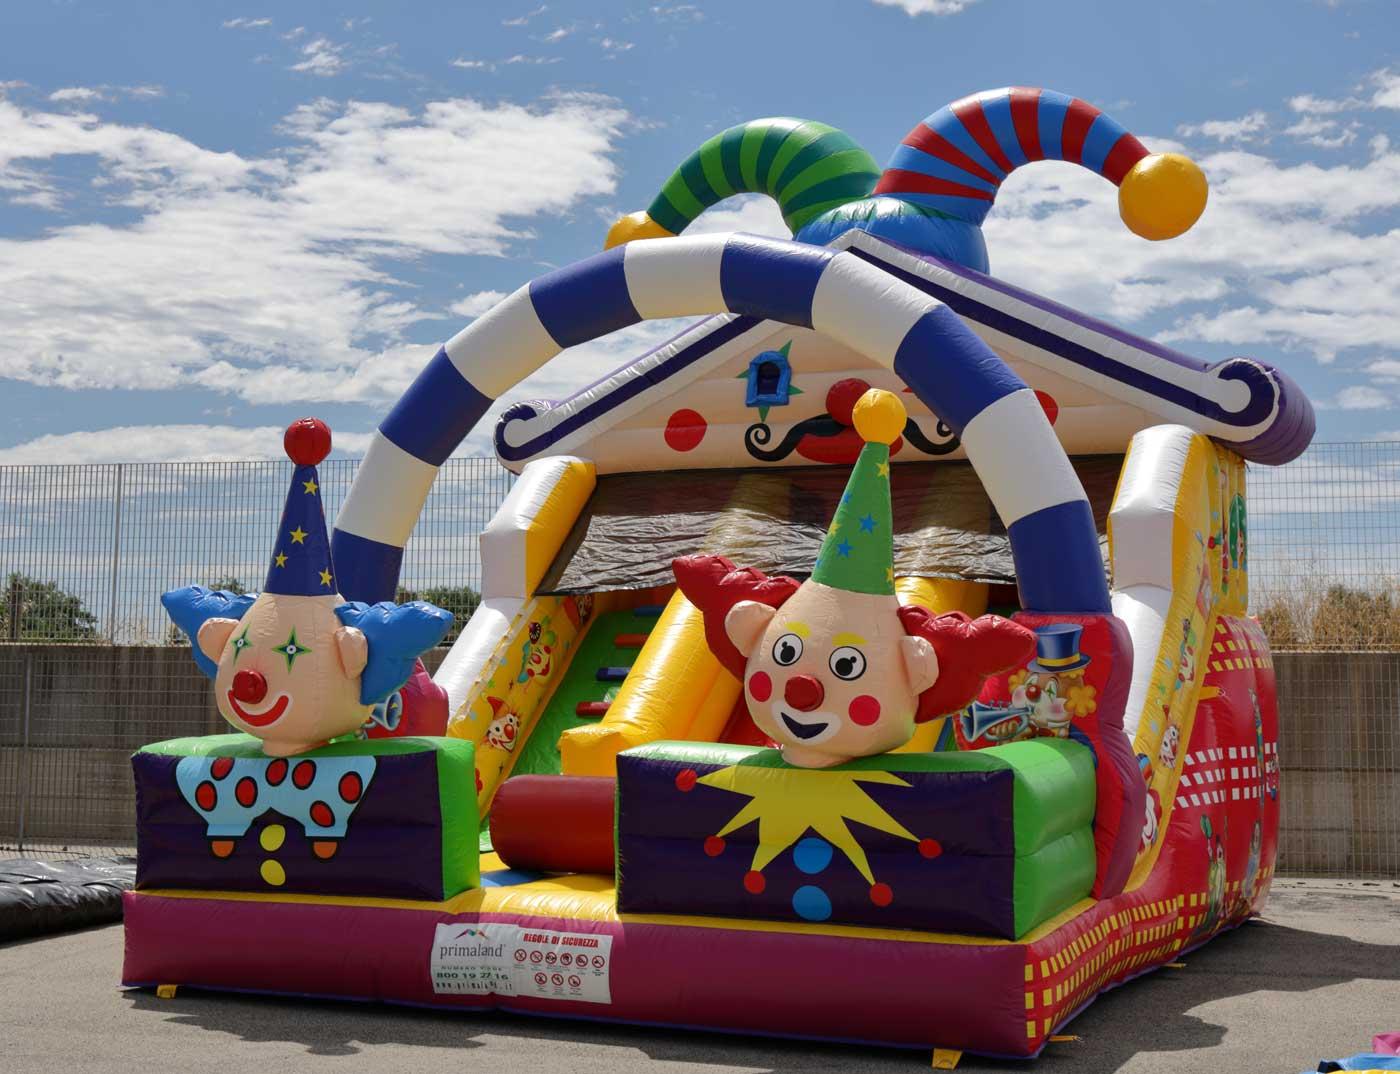 Primaland distribuisce scivoli gonfiabili per parco giochi e ludoteche